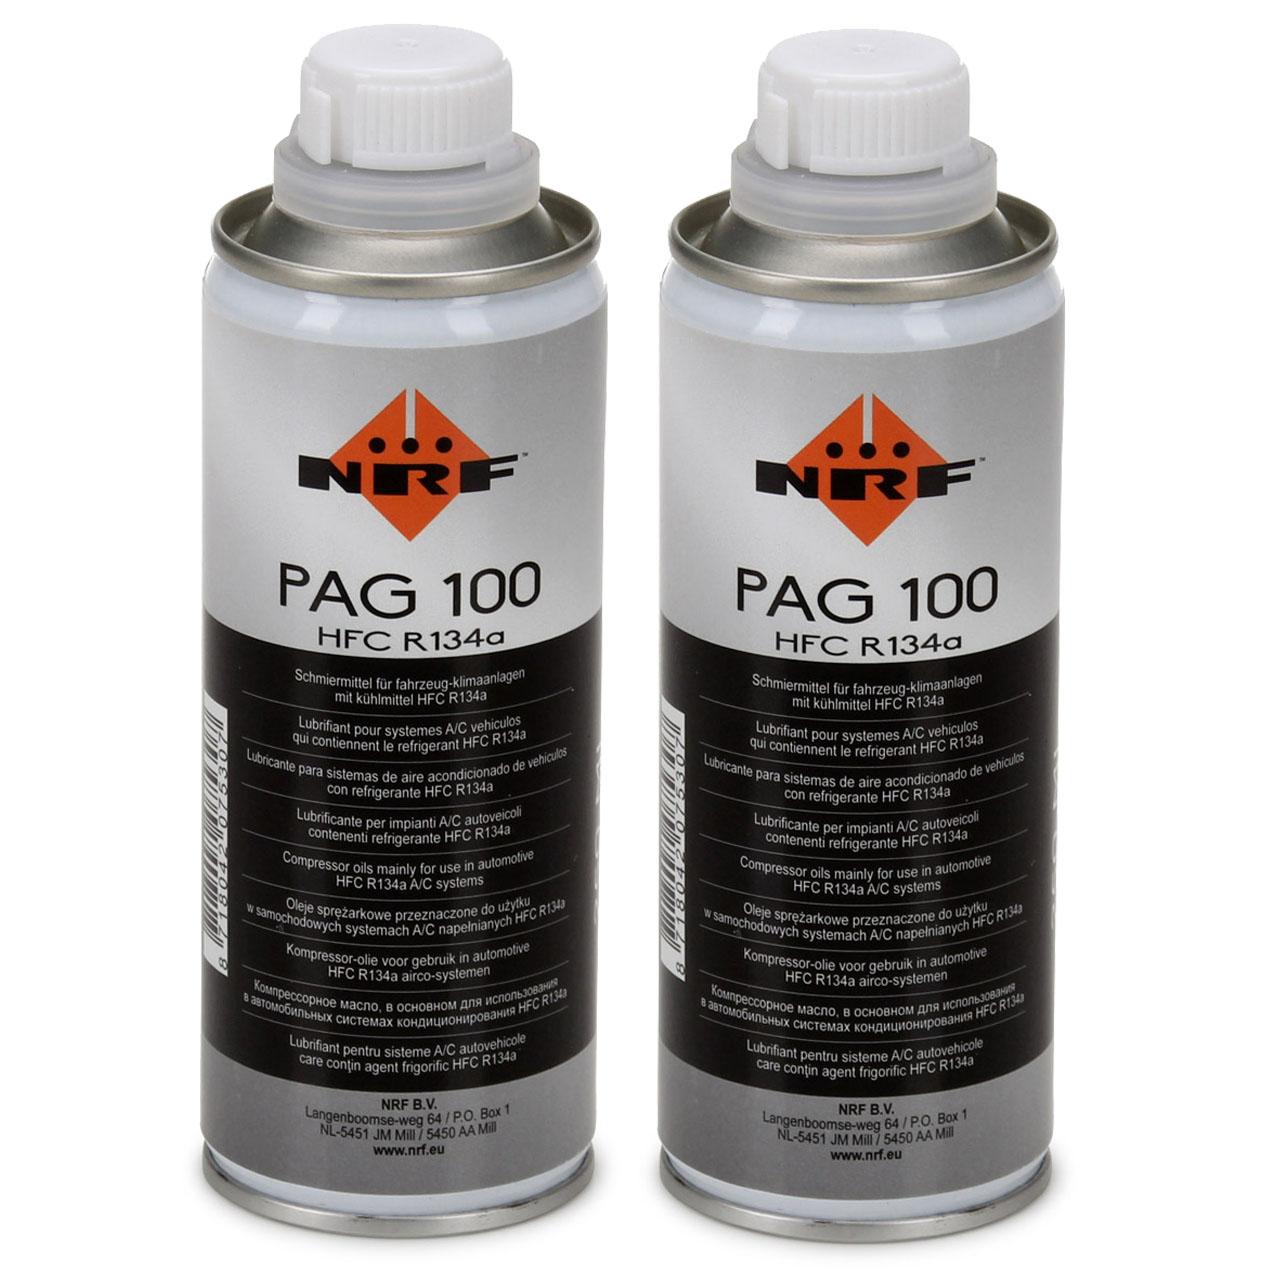 NRF 38816 Kompressor Öl Kompressoröl Klimaanlagenöl PAG 100 HFC R134a 500ml